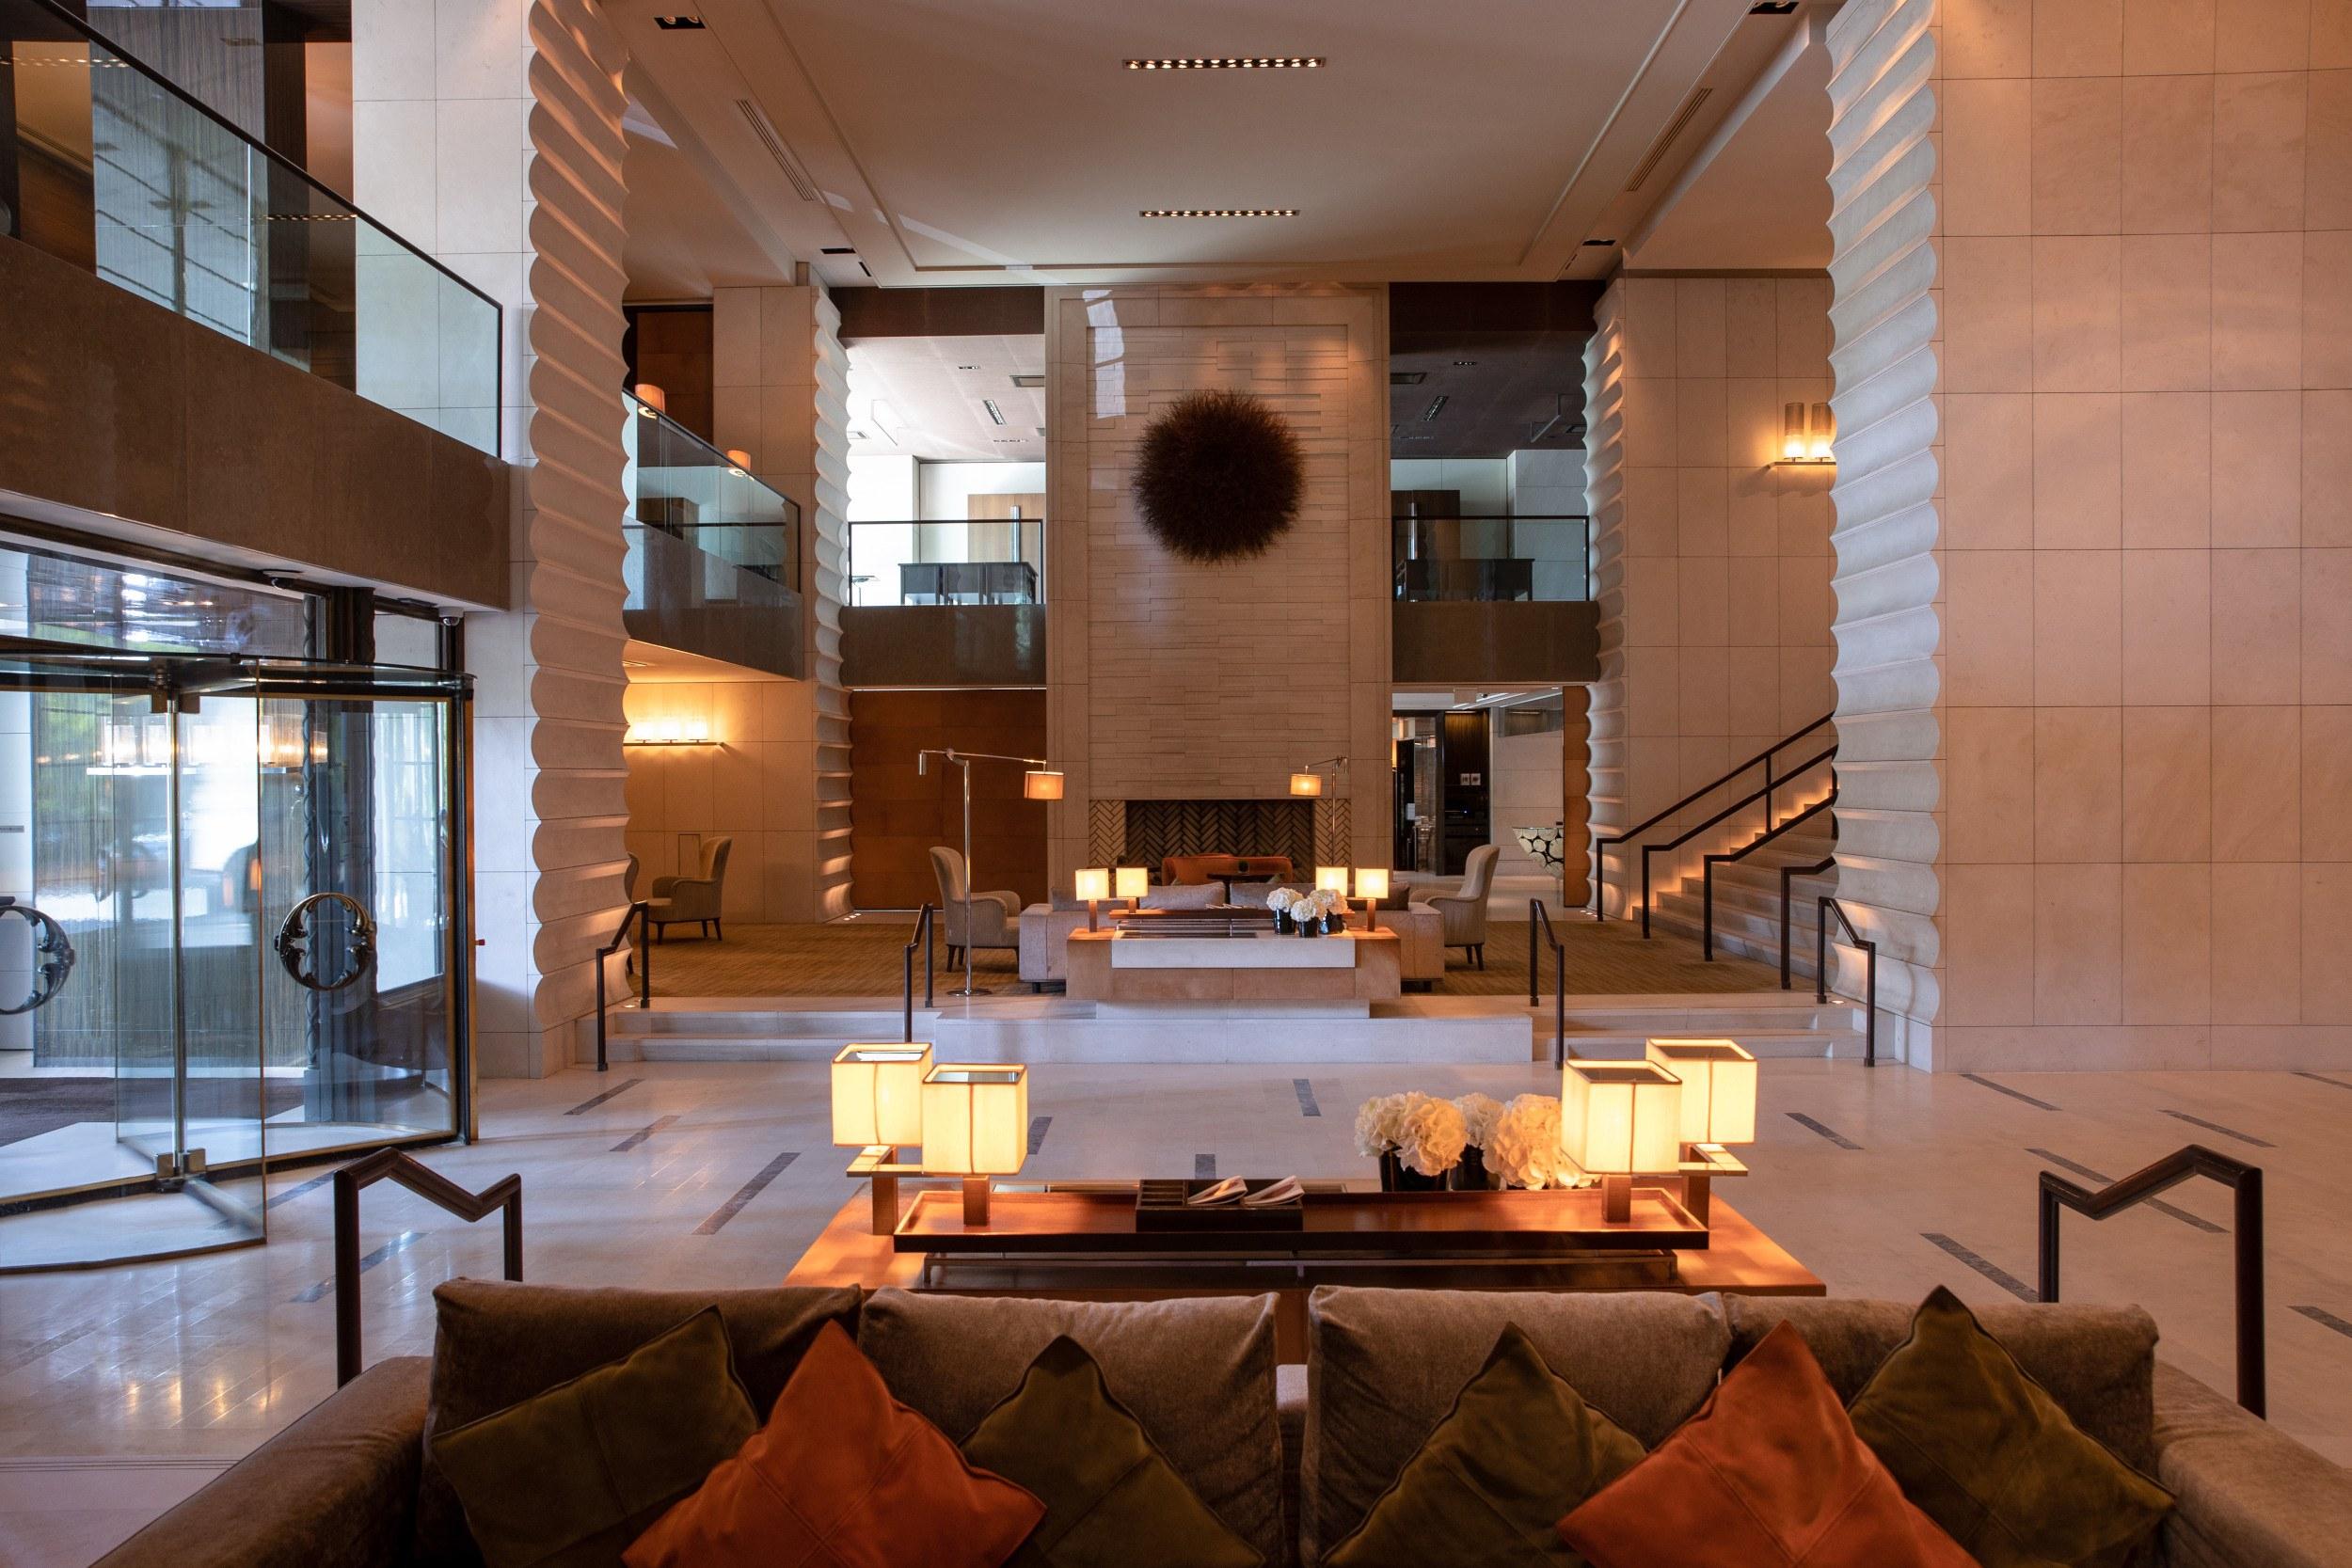 intercontinental-geneva-hotel-lobby-history